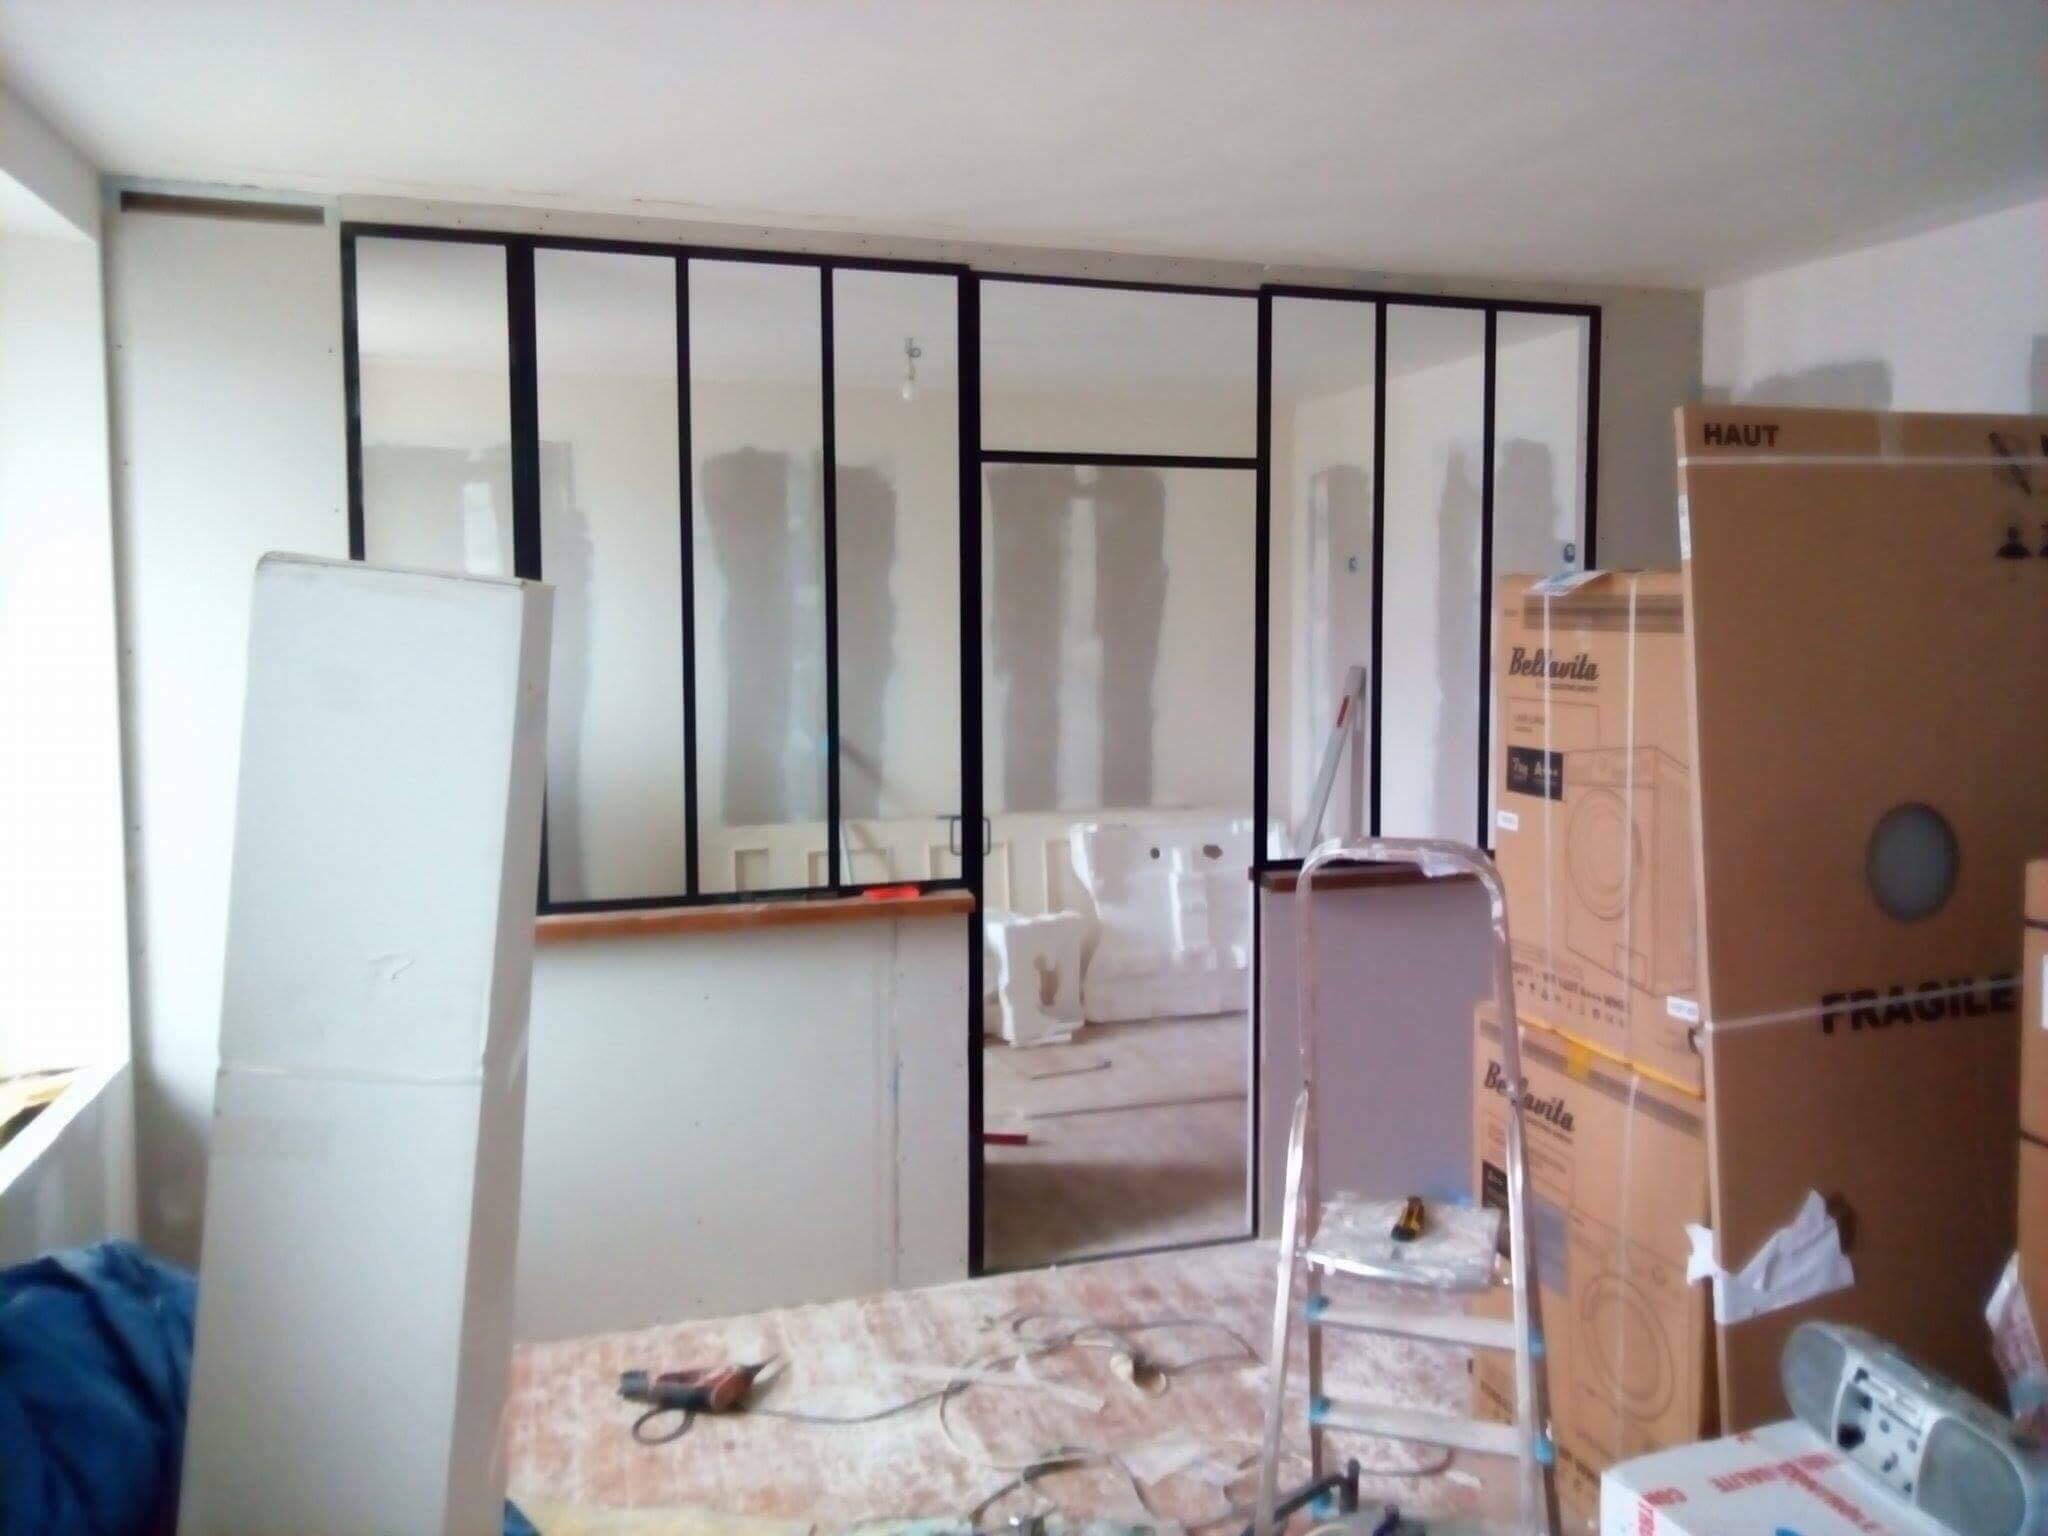 Rénovation de la chambre 3 - création d